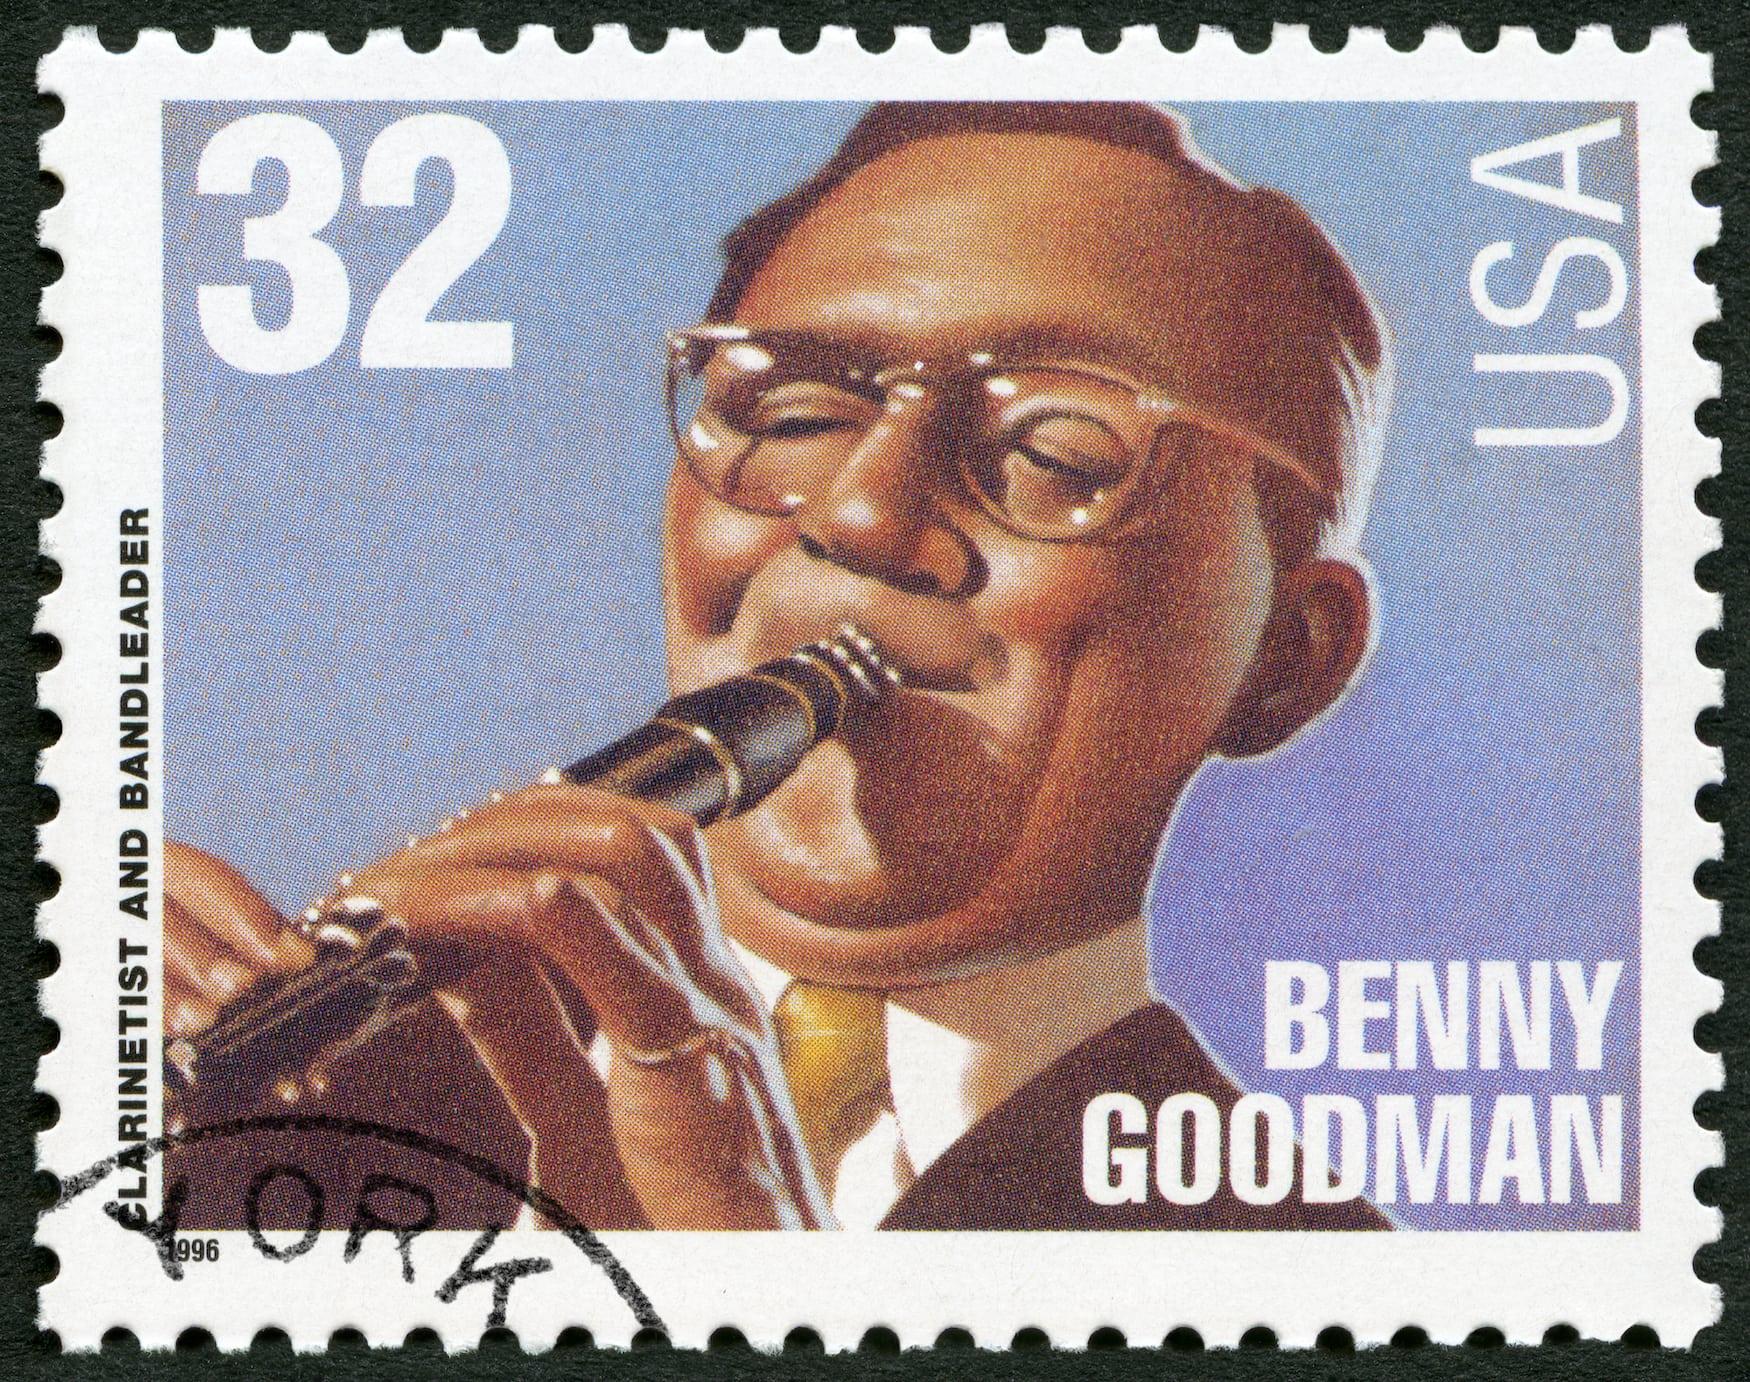 Briefmarke von Jazz-Musiker Benny Goodman aus New York